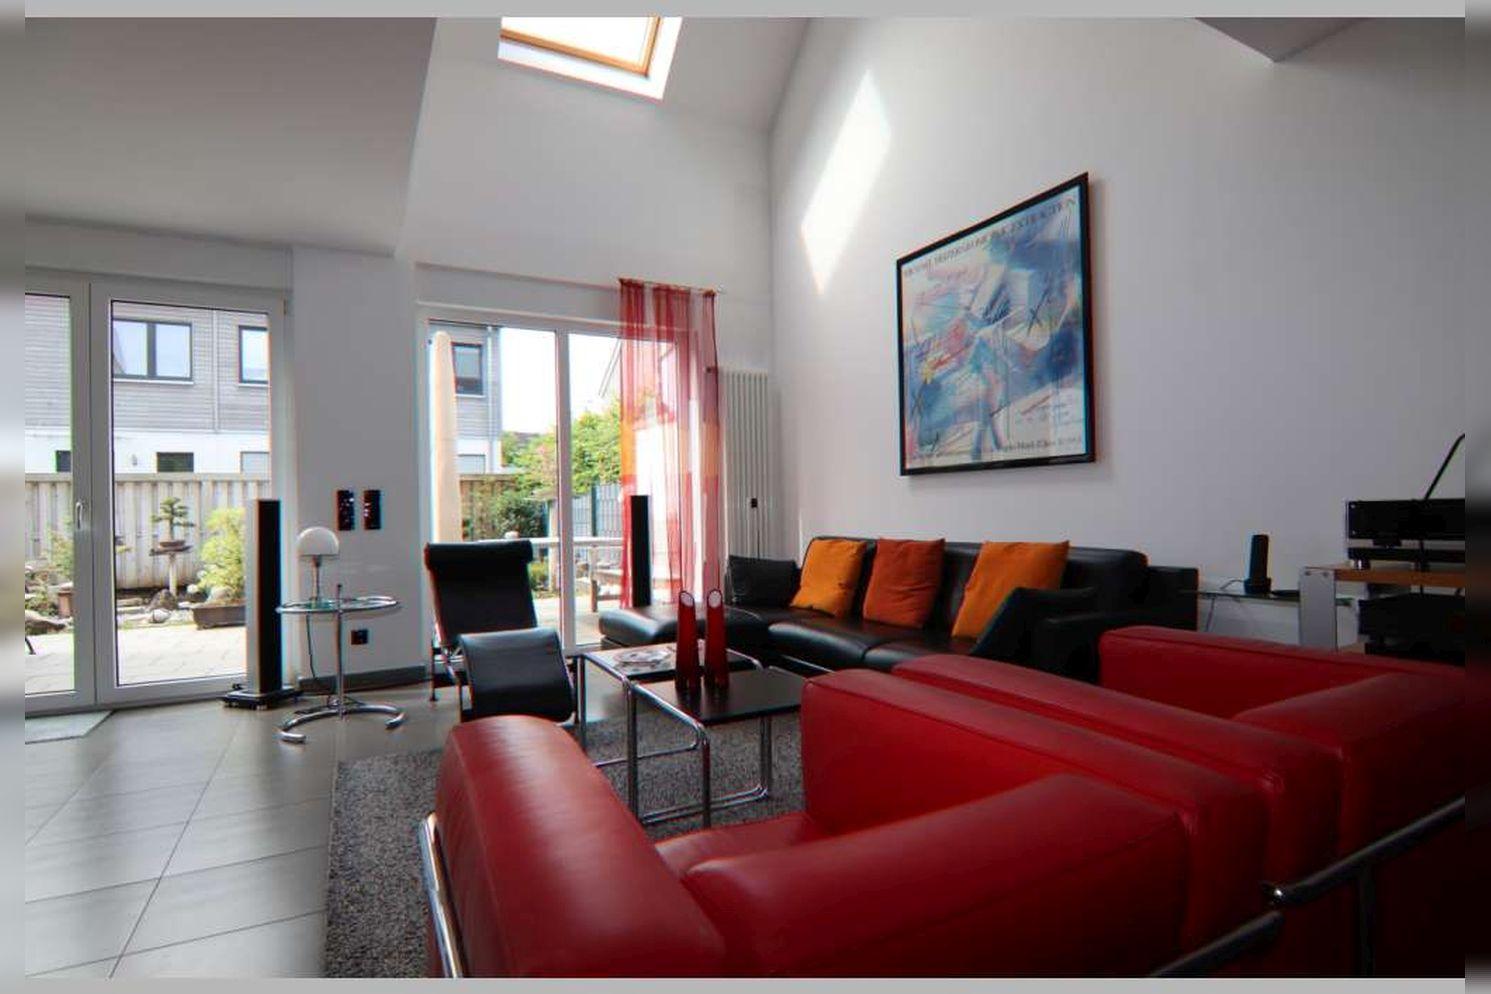 Immobilie Nr.0267 - Doppelhaushälfte mit 4 Zimmern, Küche, Diele, Badzimmer, Gäste-WC, Garten und Garage - nicht unterkellert - Bild 10.jpg